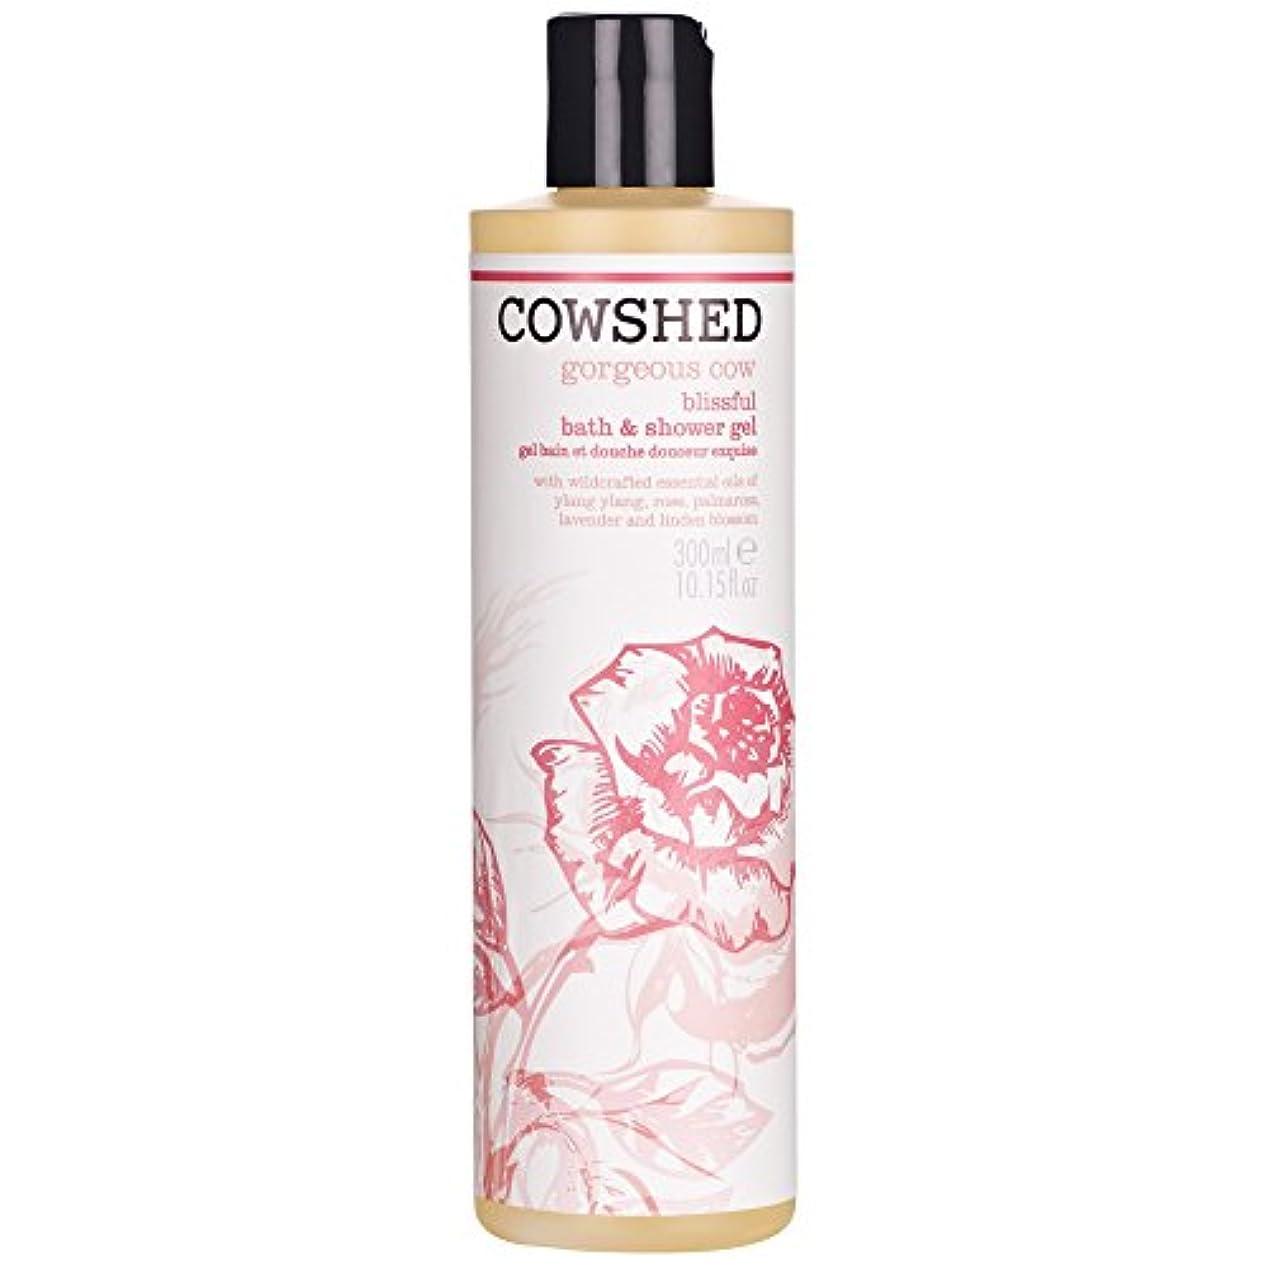 叙情的な屋内アナウンサー牛舎ゴージャスな牛のバス&シャワージェル300ミリリットル (Cowshed) (x6) - Cowshed Gorgeous Cow Bath & Shower Gel 300ml (Pack of 6) [並行輸入品]